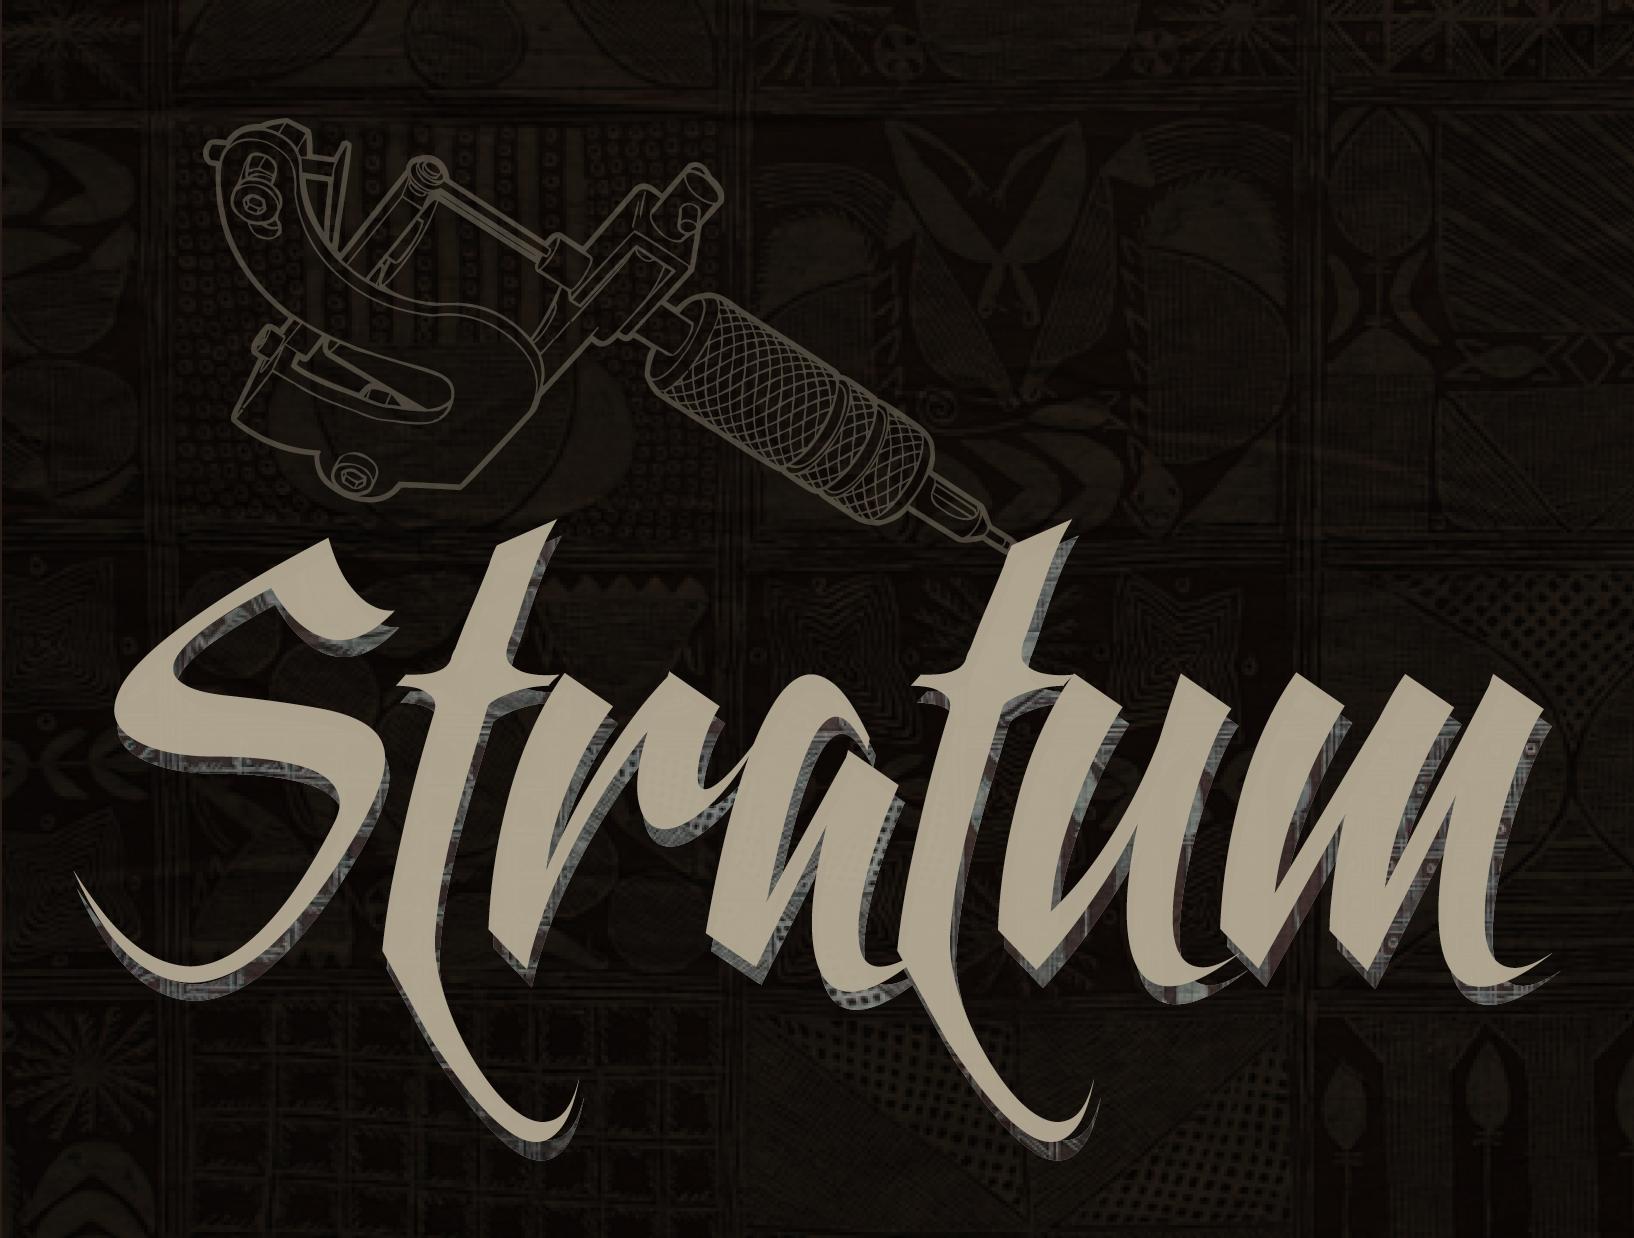 Stratum - Ori Gallery